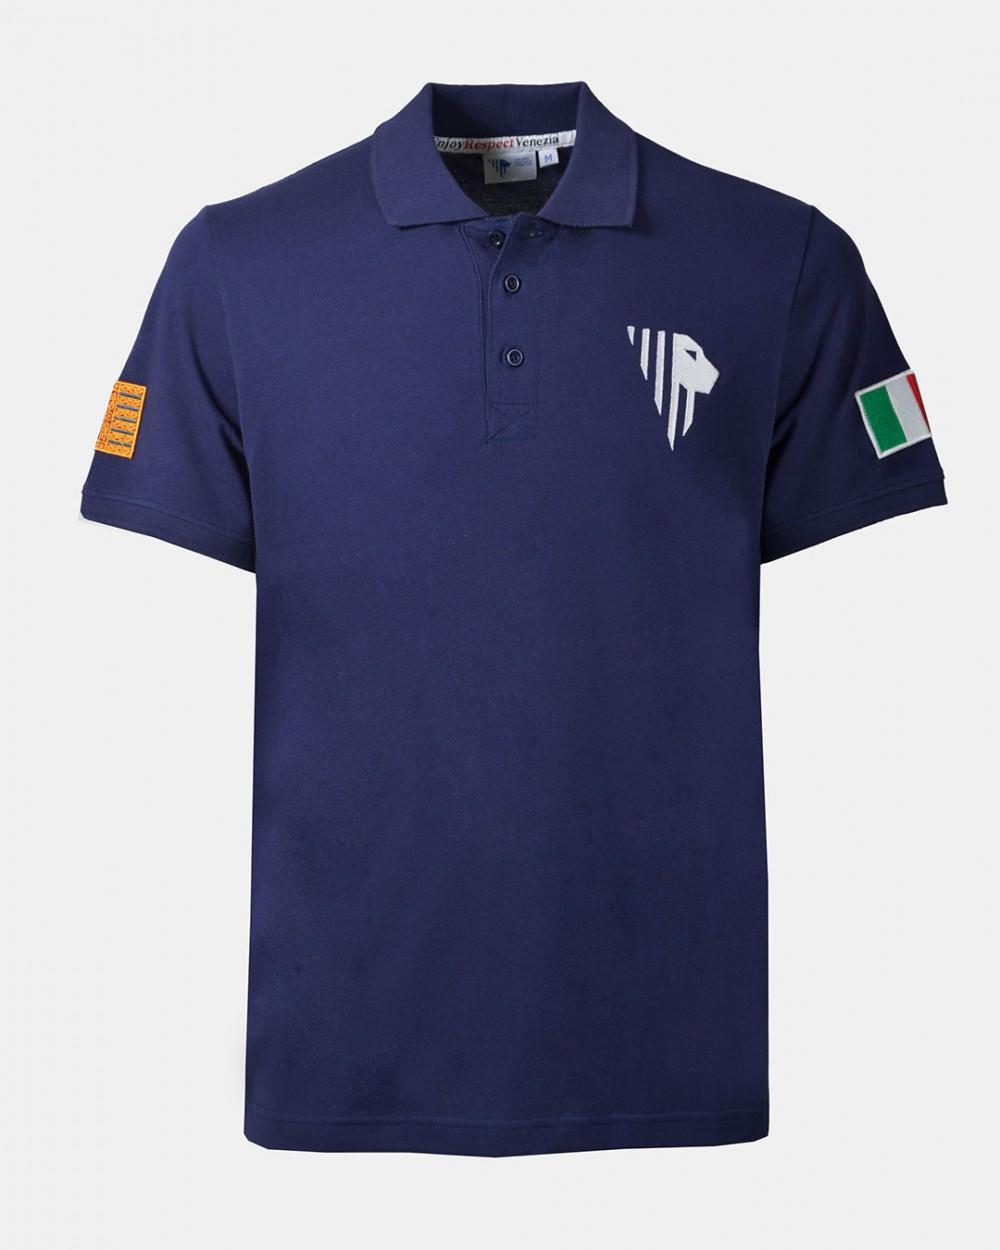 Men's blue polo front